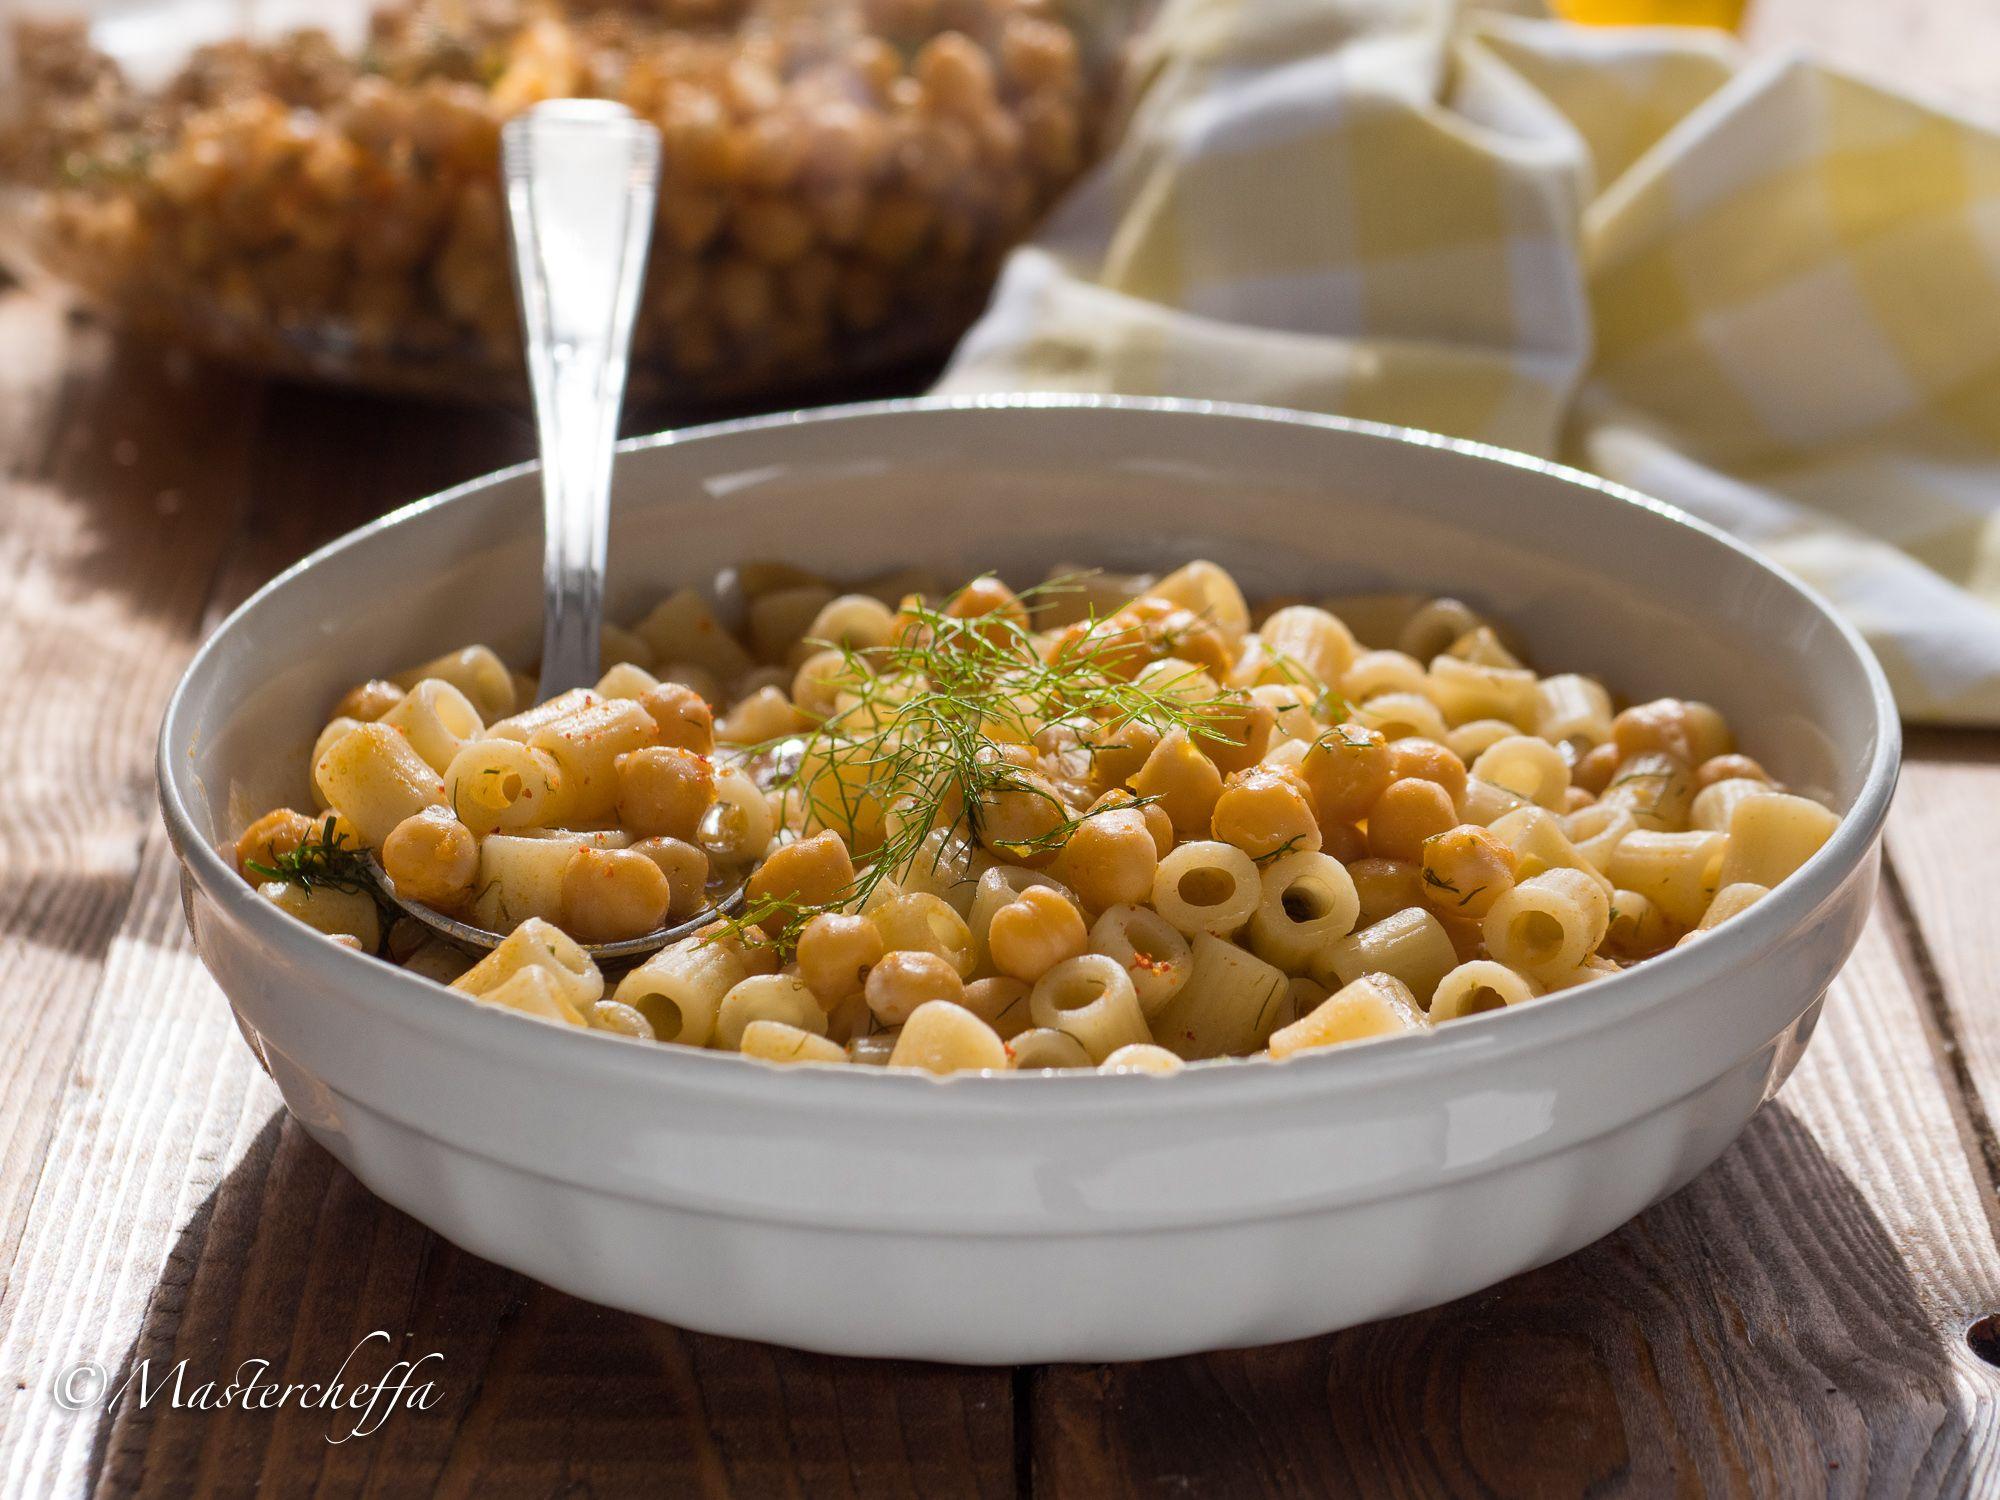 1a69218bfca321e6c97e32d98248d513 - Ricette Pasta E Ceci